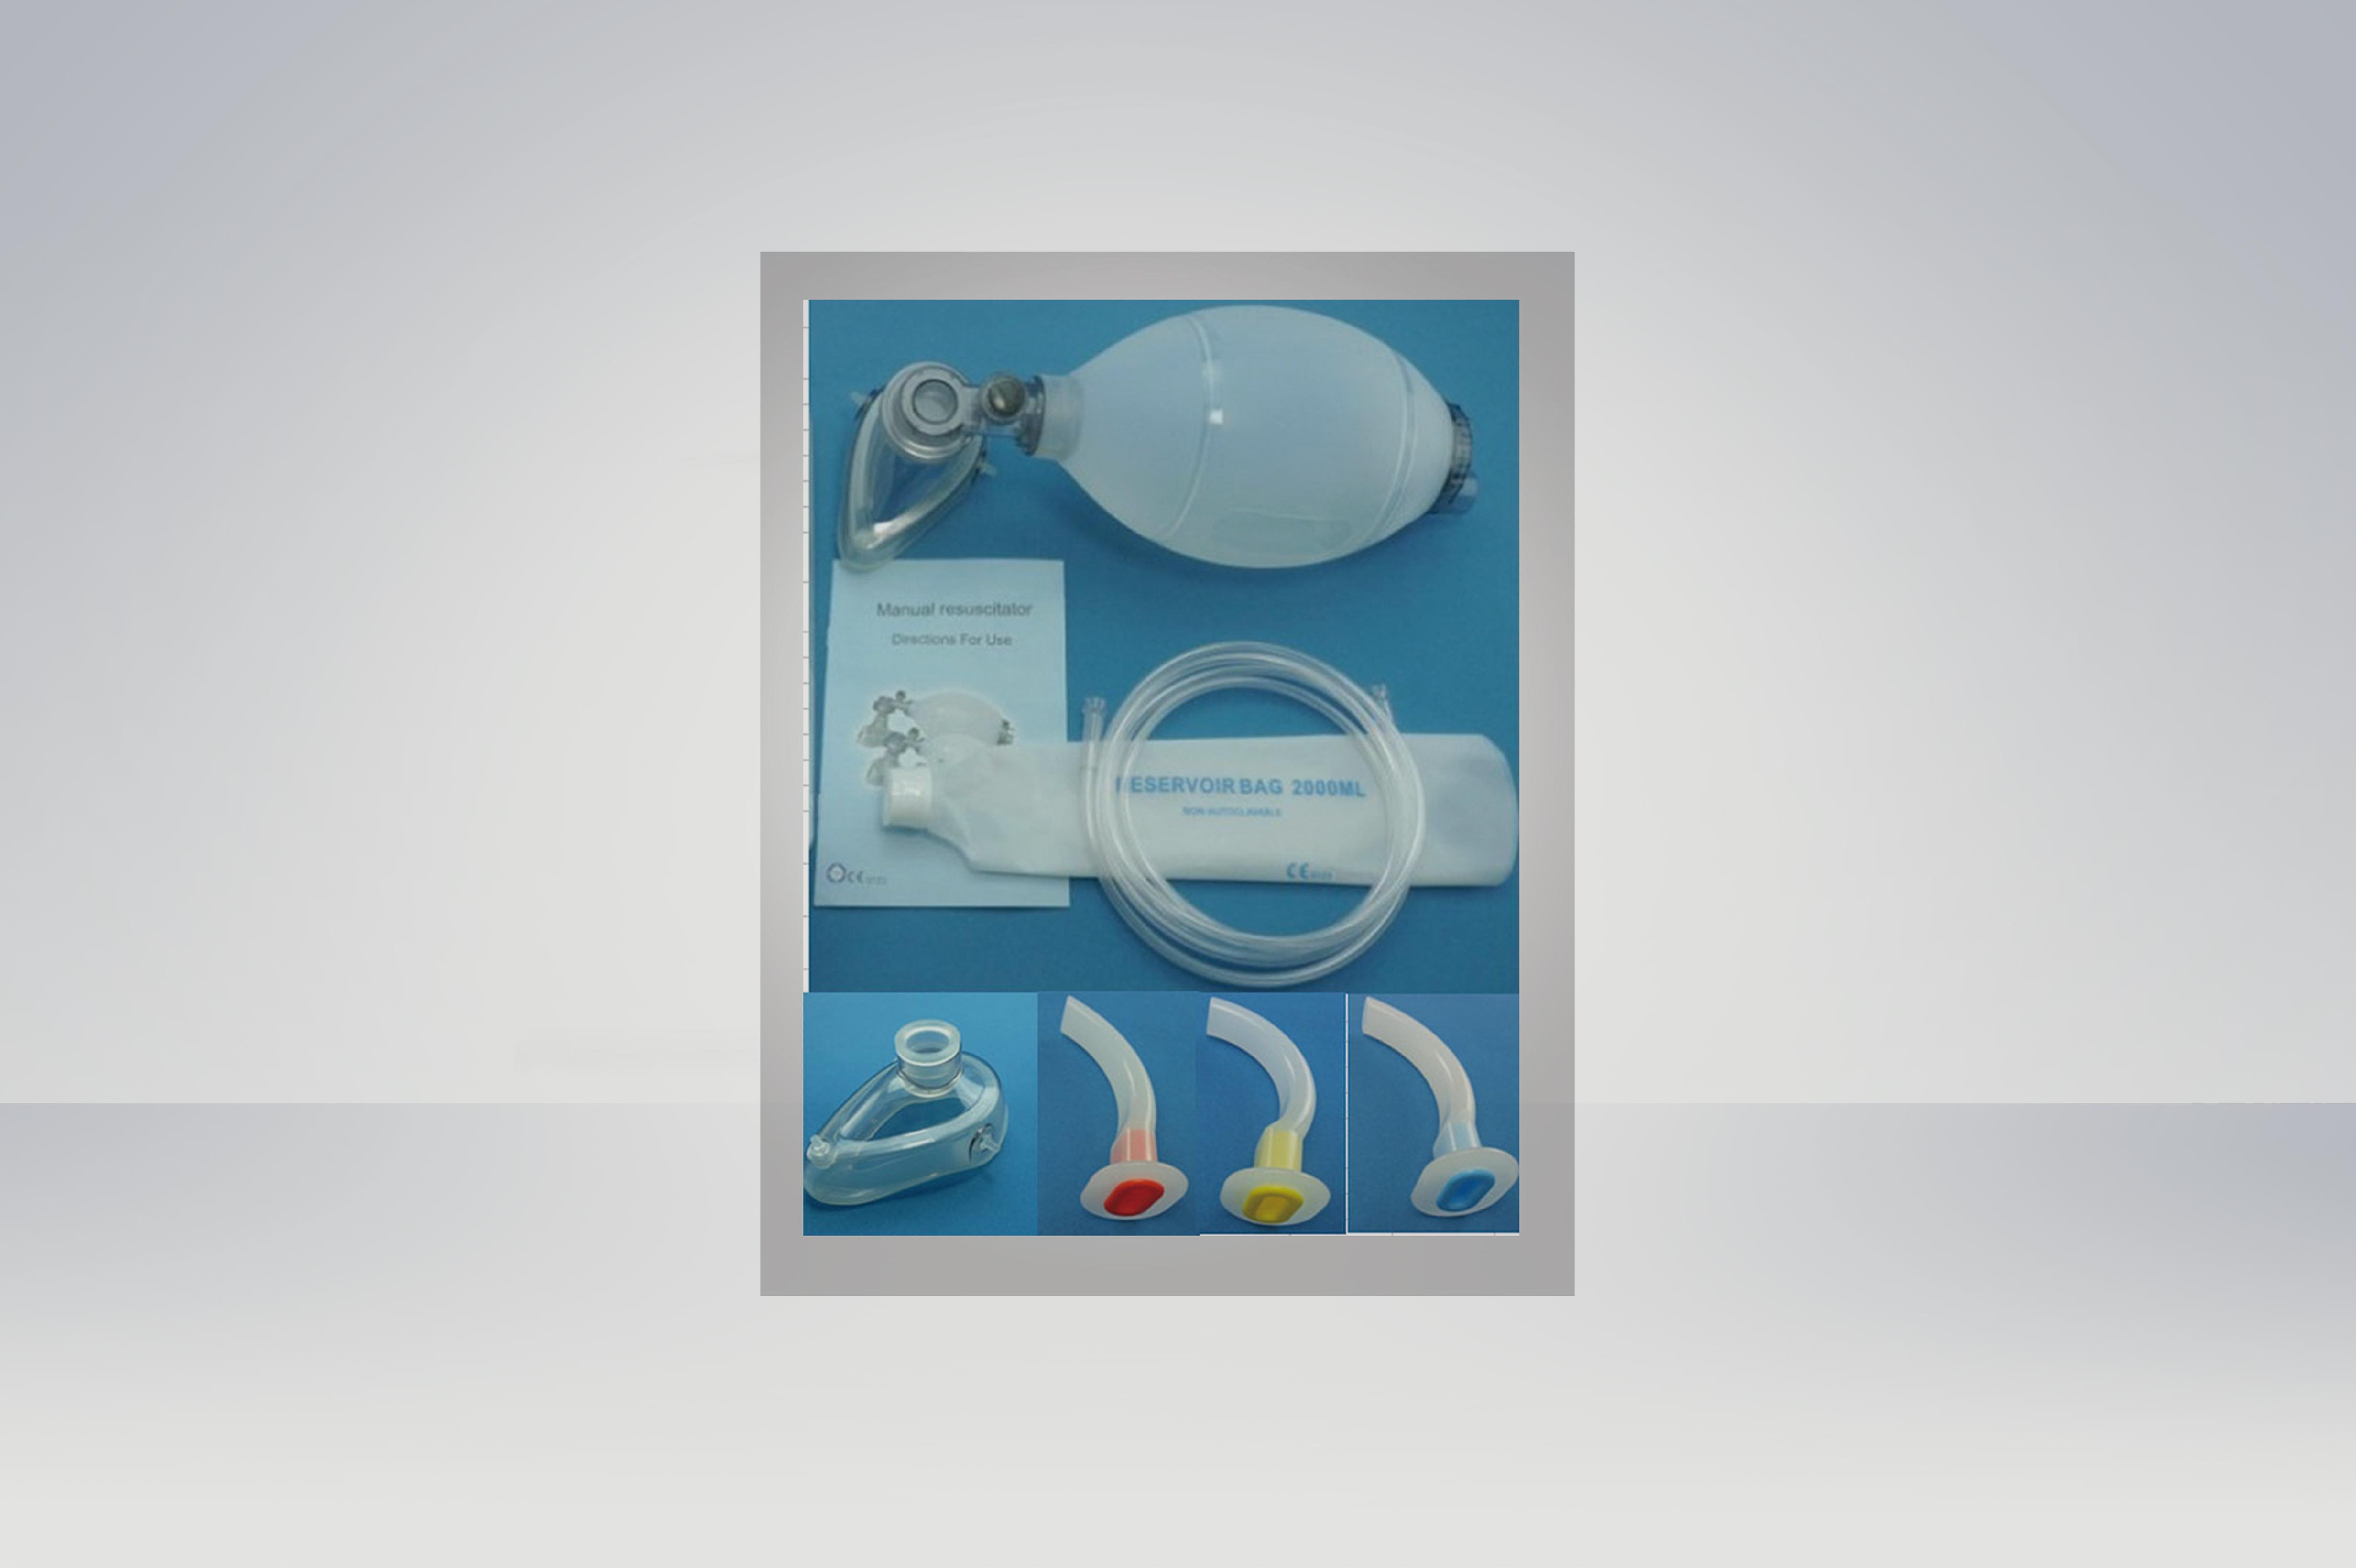 Silicone Resuscitator Bag